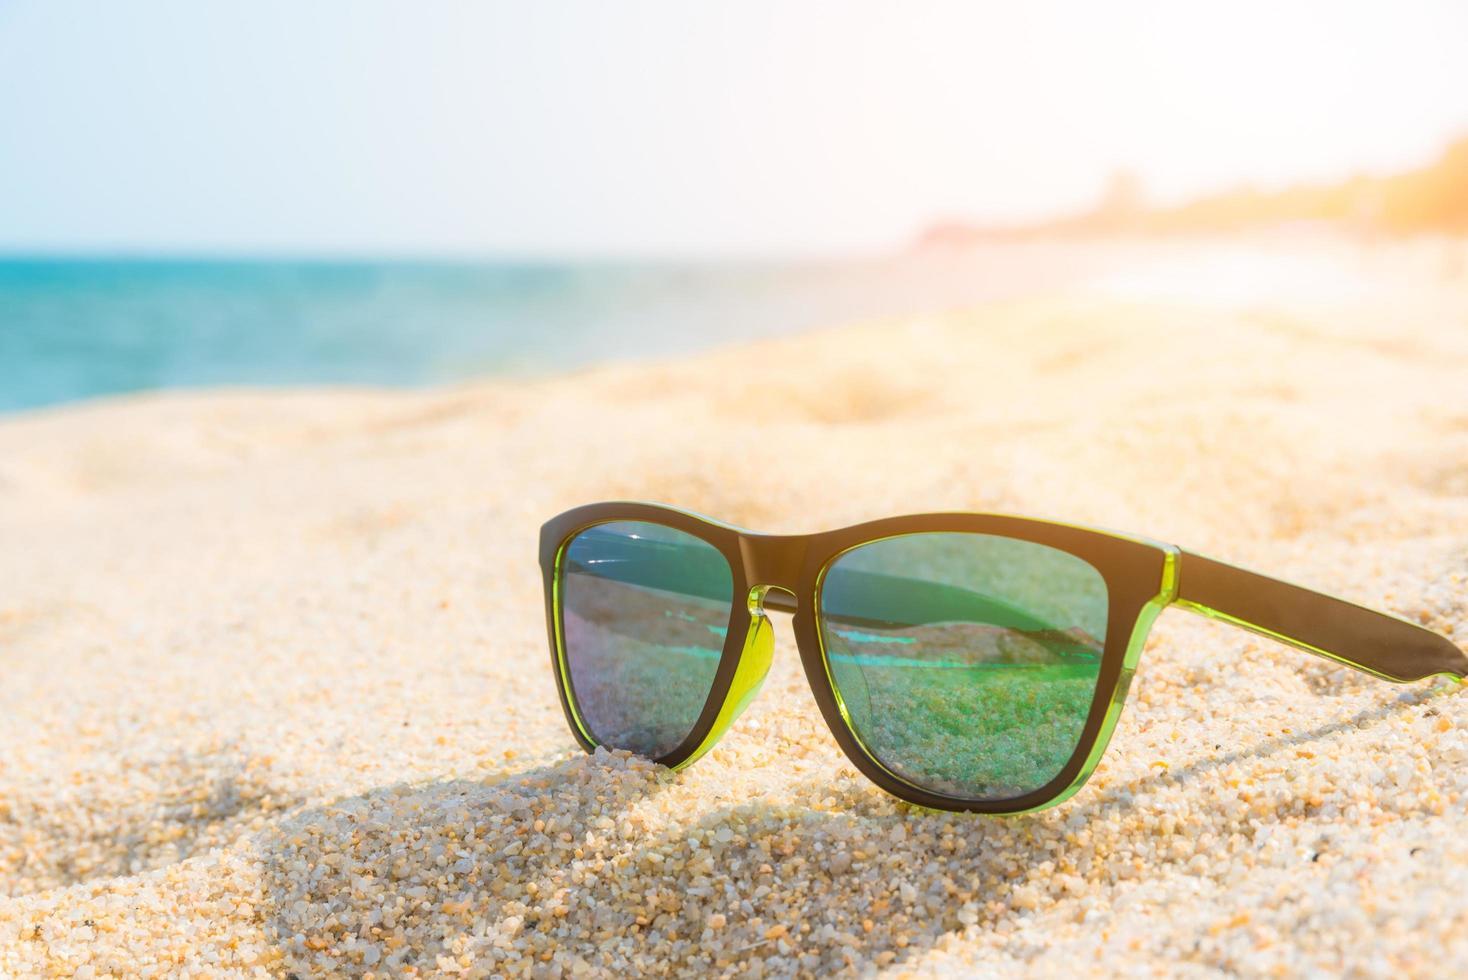 occhiali da sole sulla spiaggia foto